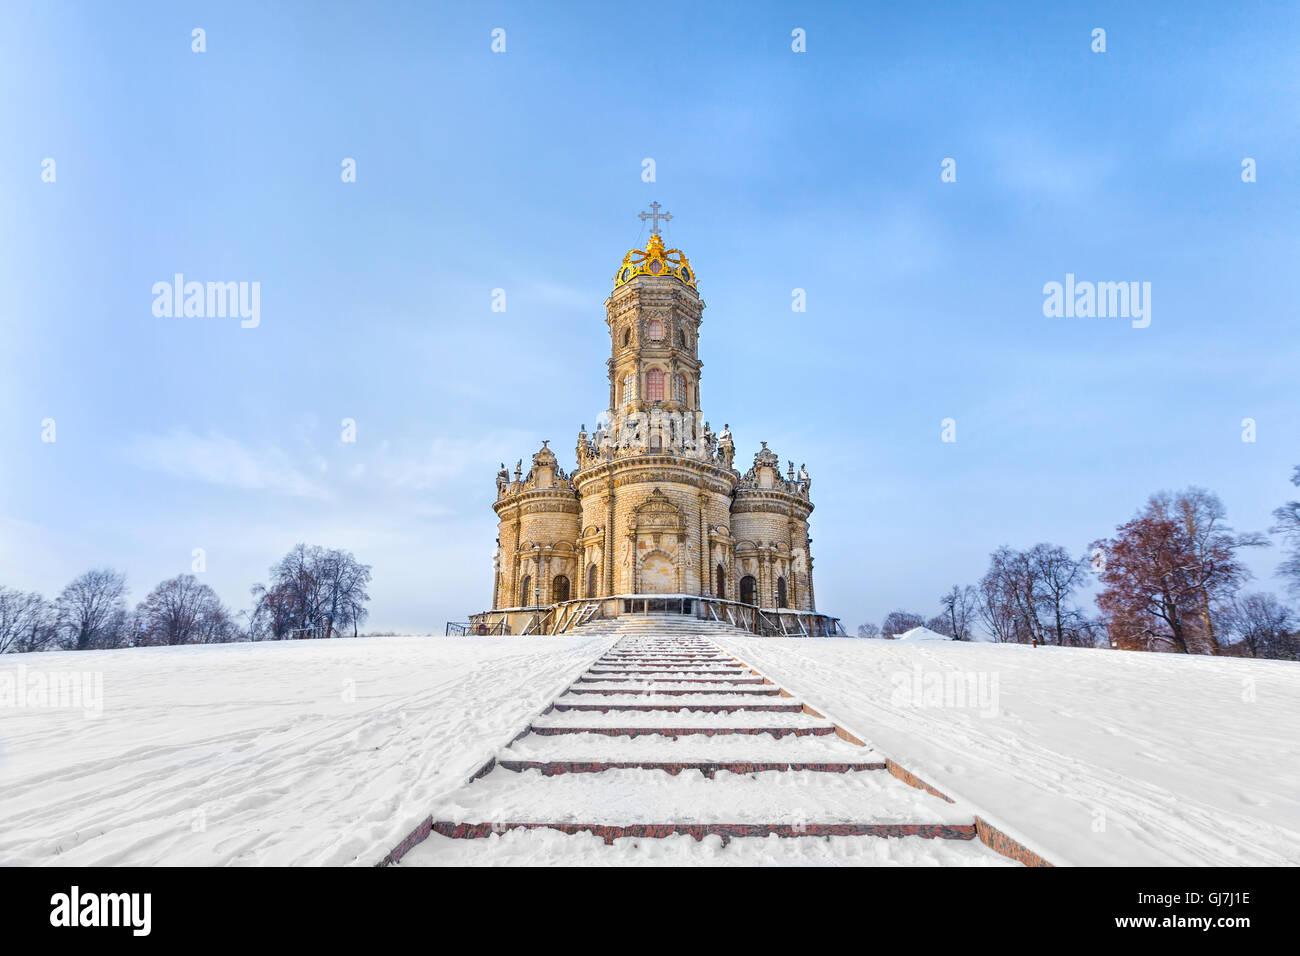 Église Znamenskaya dans Dubrovici en hiver, dans la région de Moscou, Russie Photo Stock